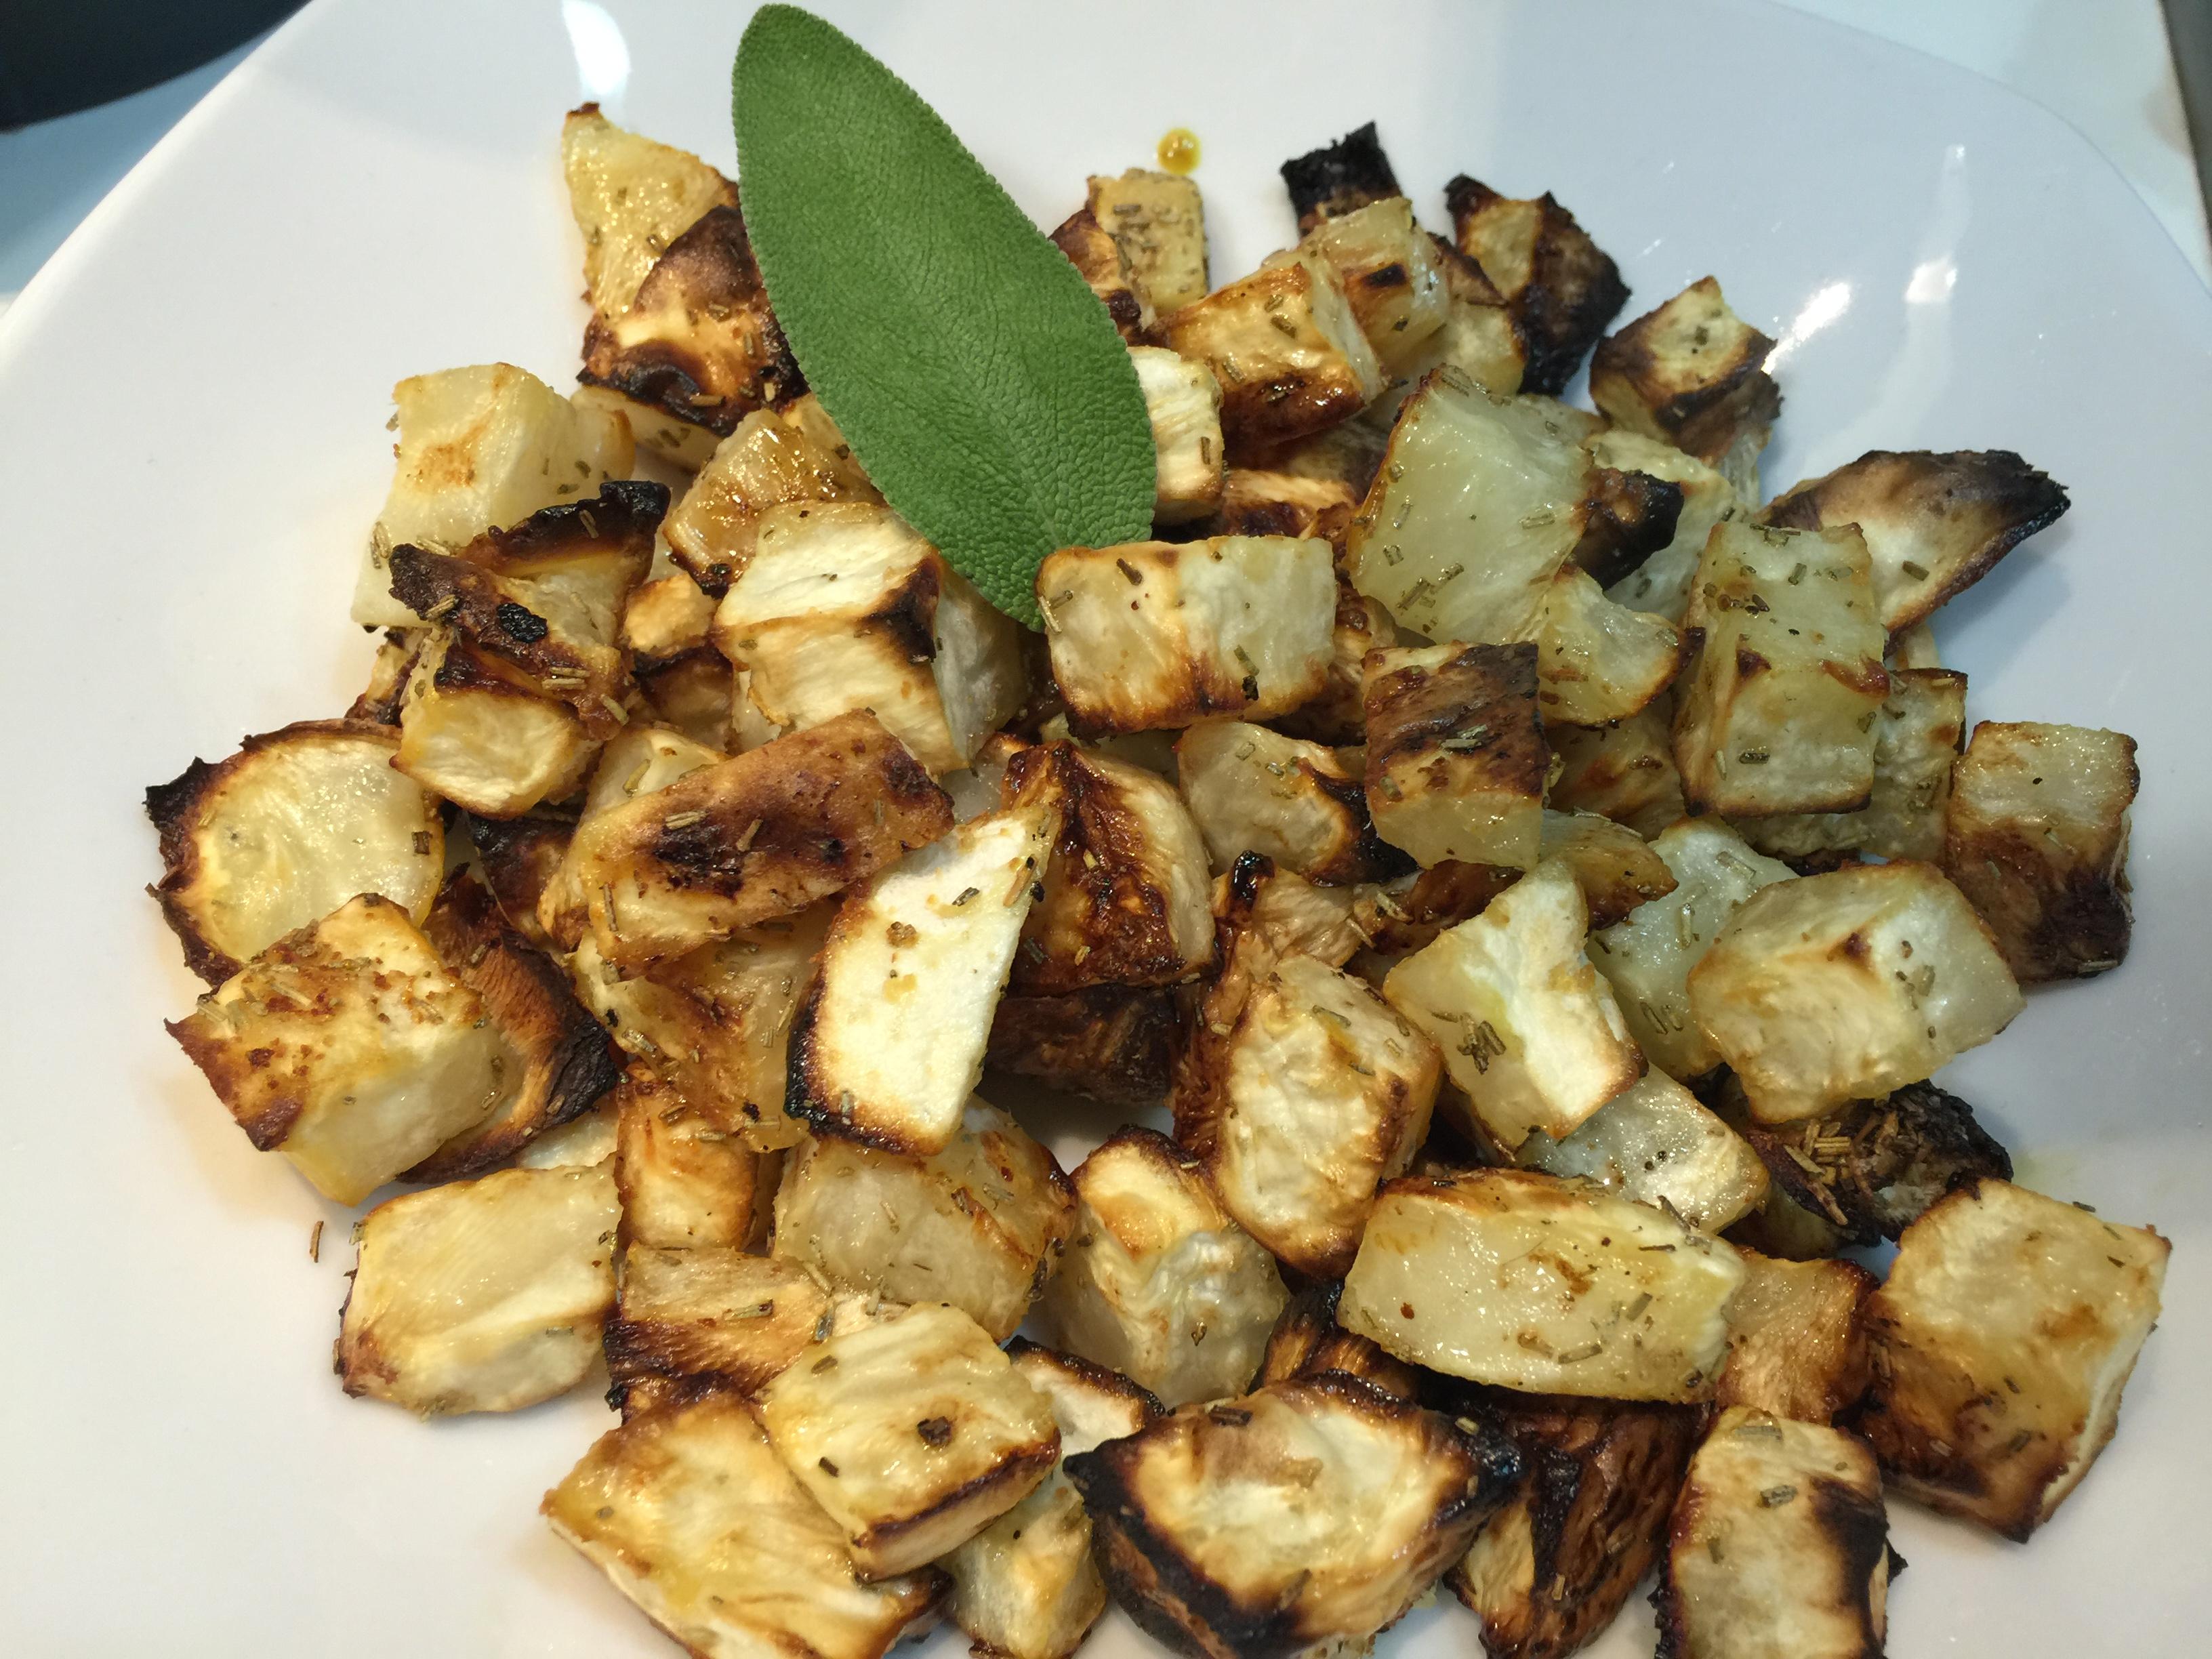 Sedano rapa al forno le ricette di tabata - Cucinare patate americane ...